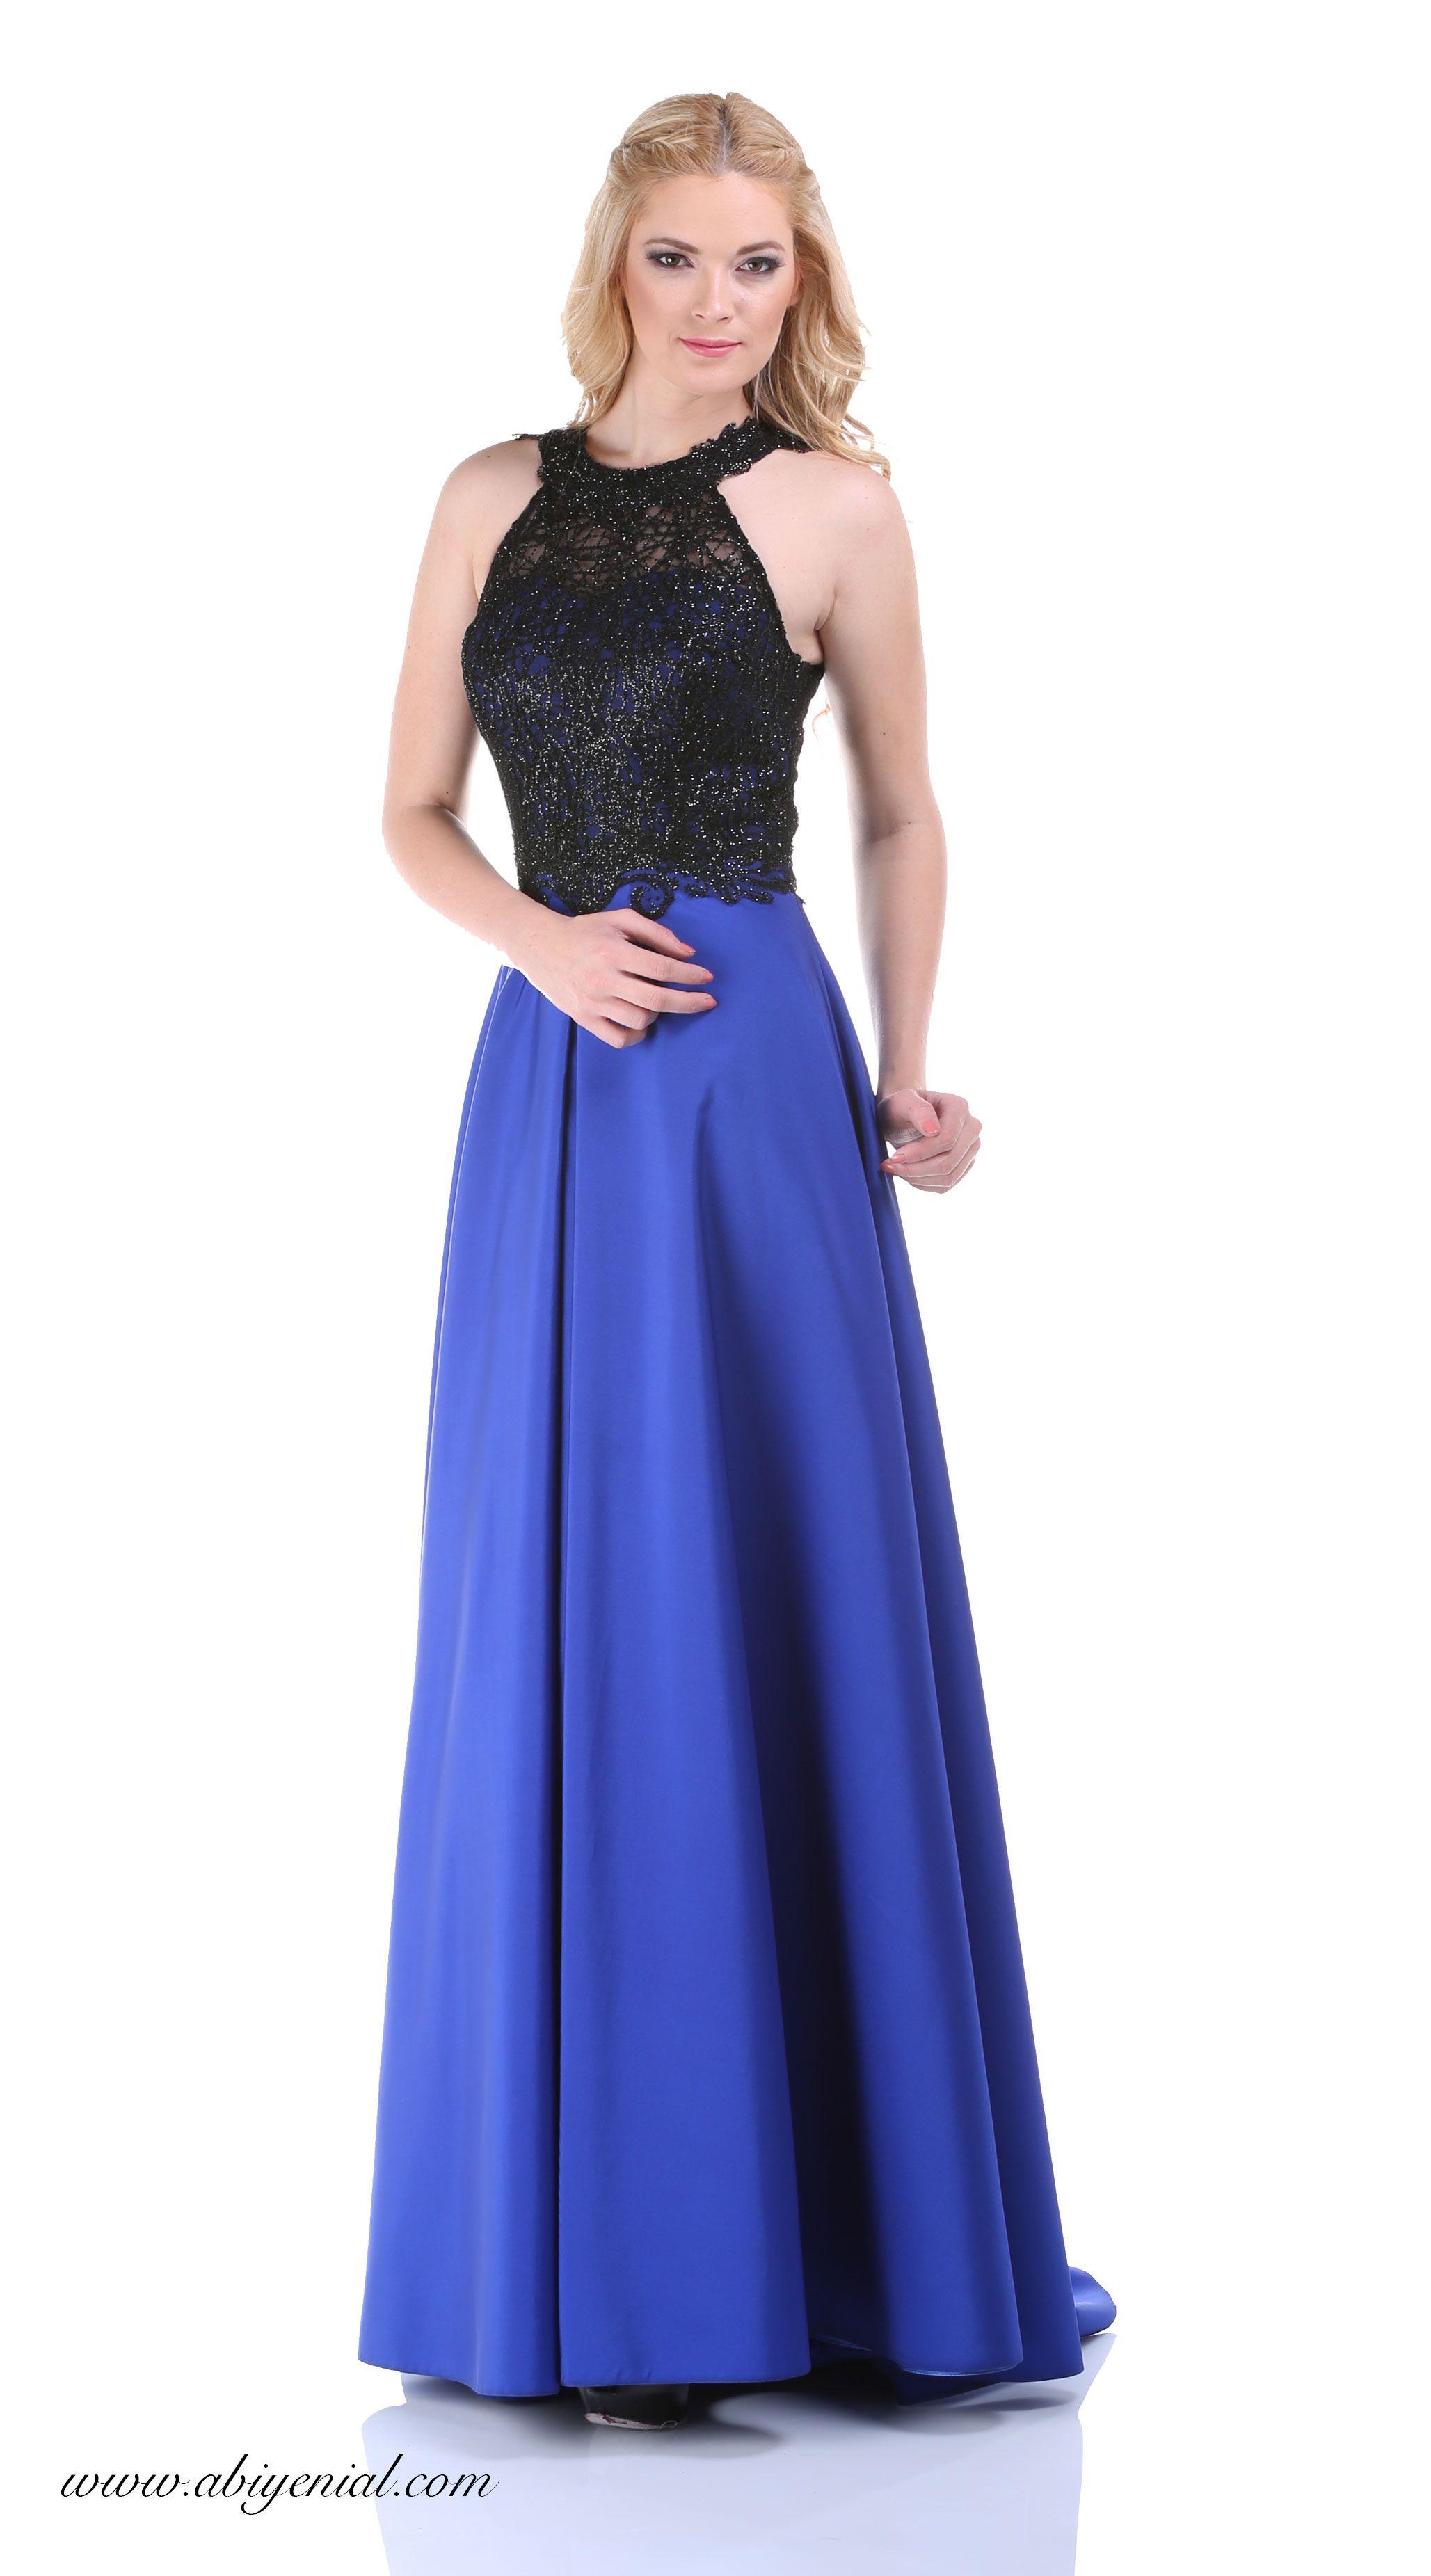 Uzun kollu abiye elbise modelleri 11 pictures - Abiye Elbise Prom Abiye Modelleri Mezuniyet Elbiseleri